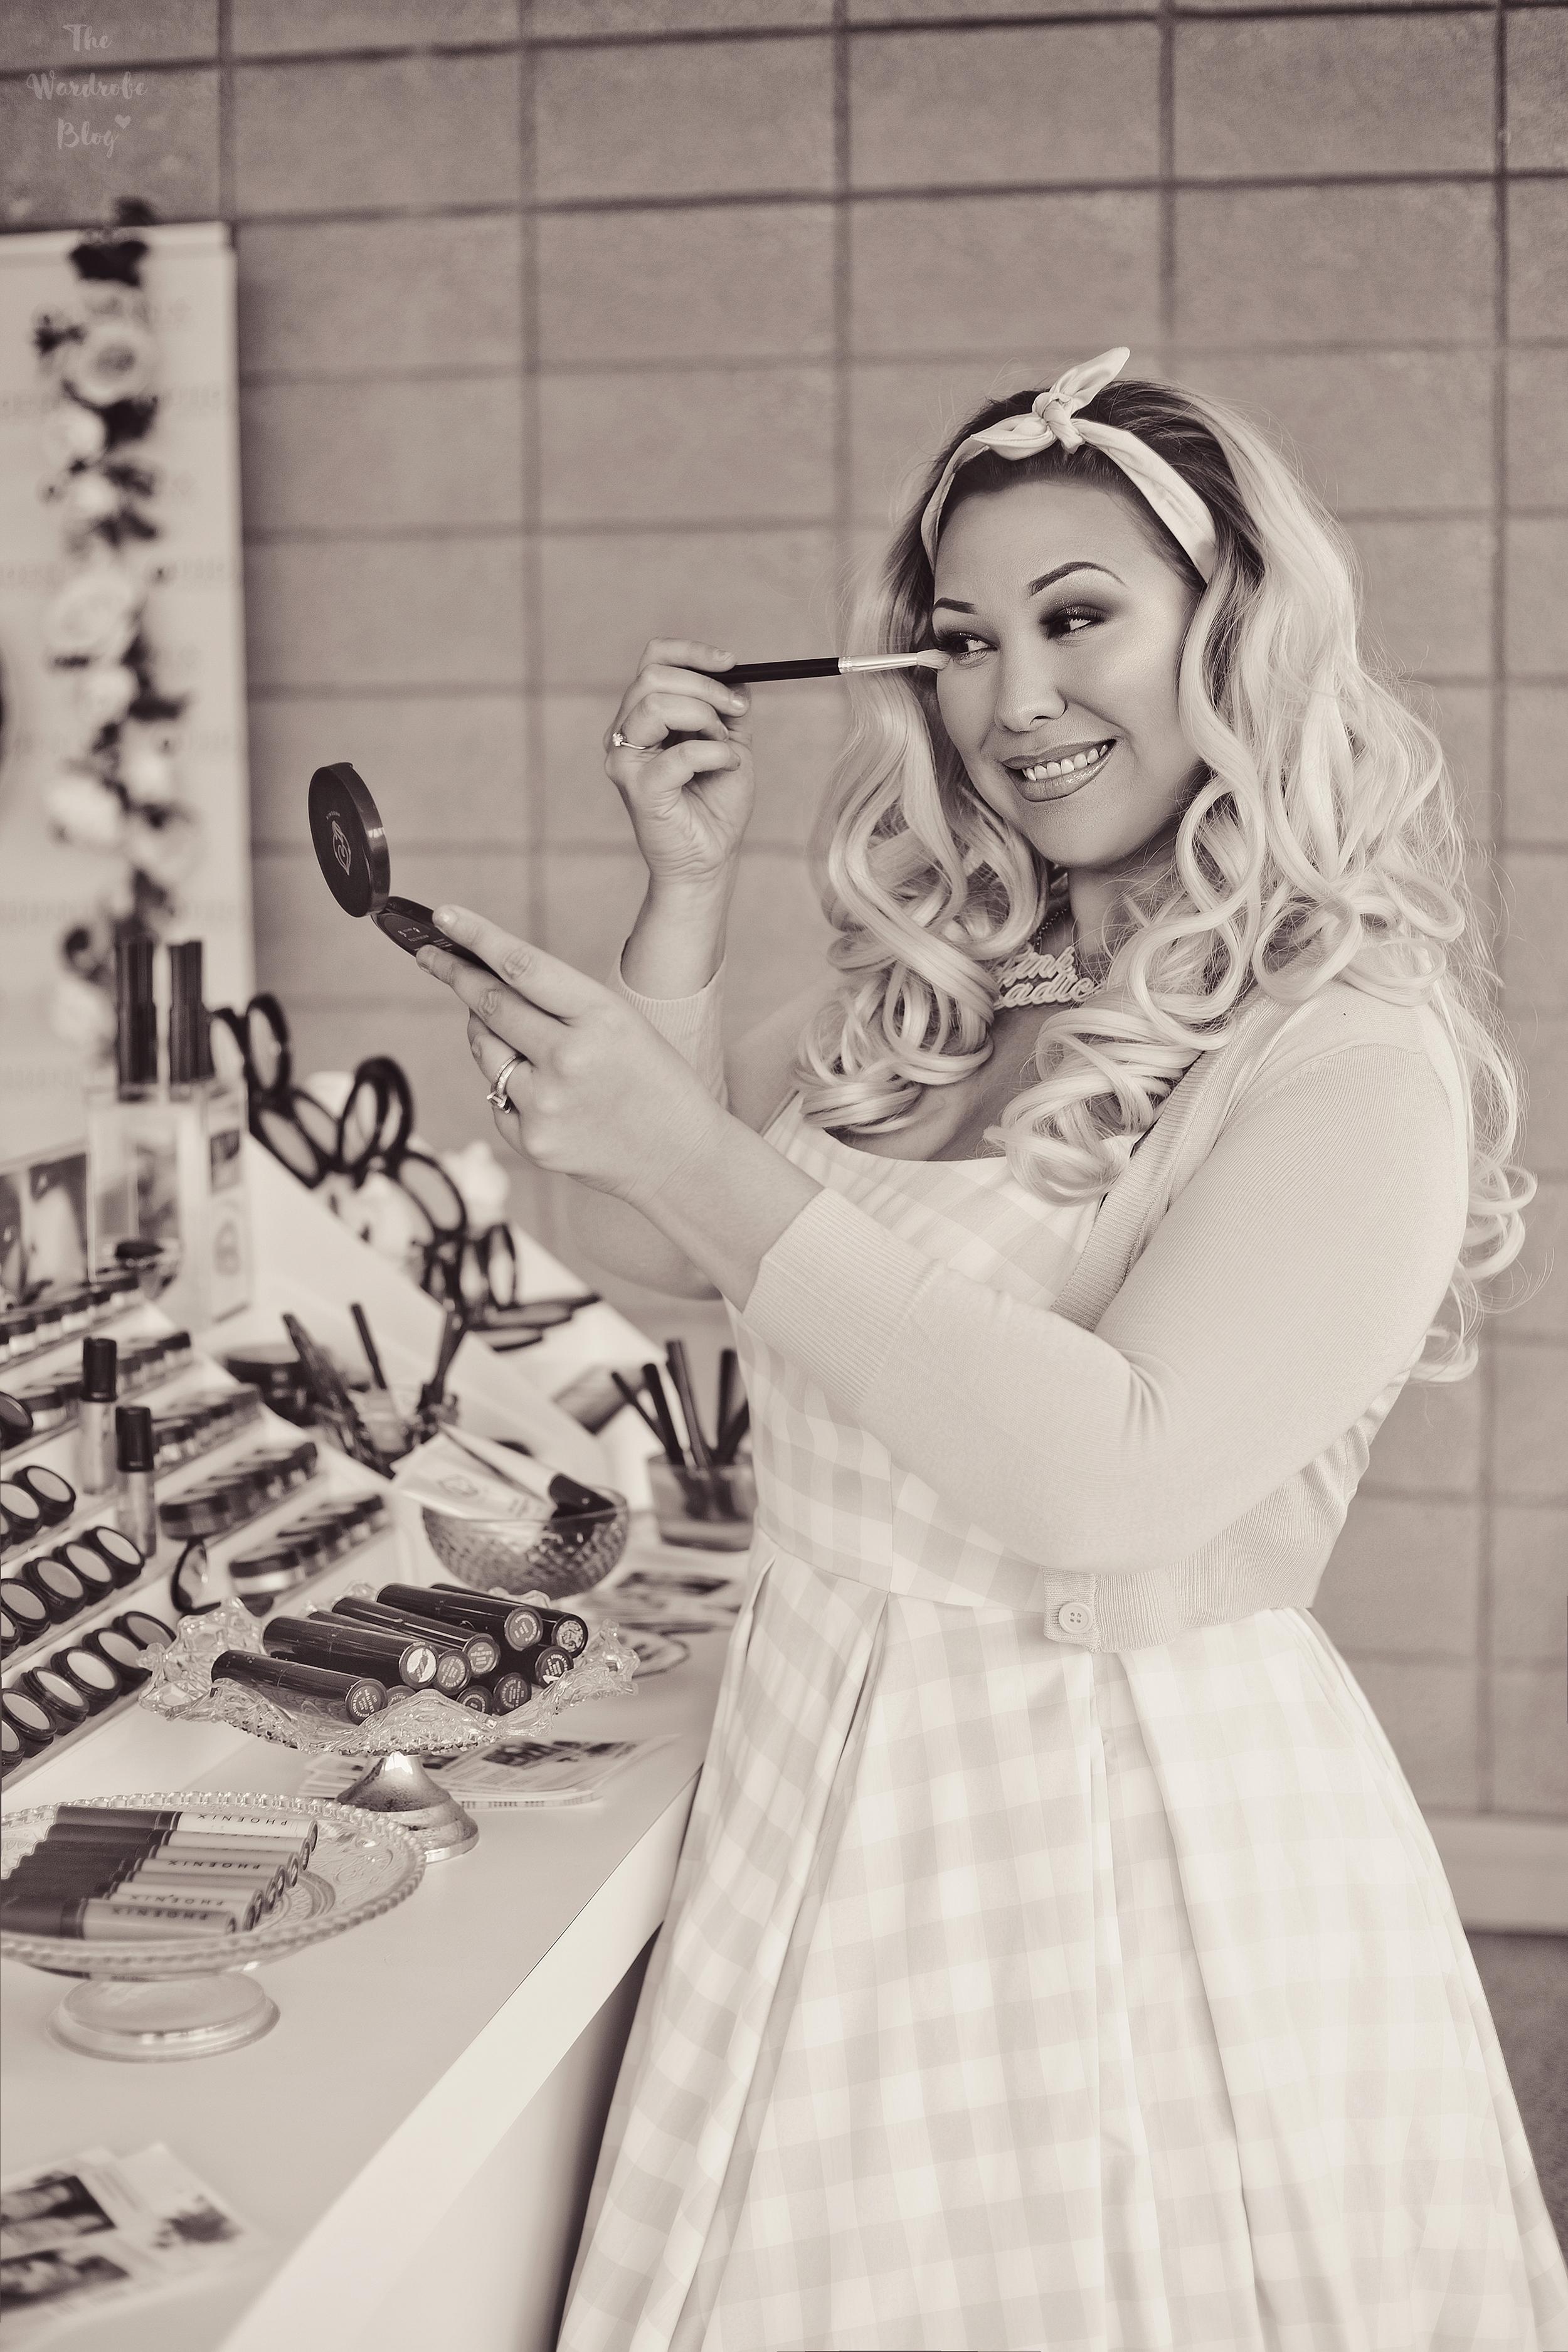 Phoenix-Renata-Cosmetics-Interview-B+W